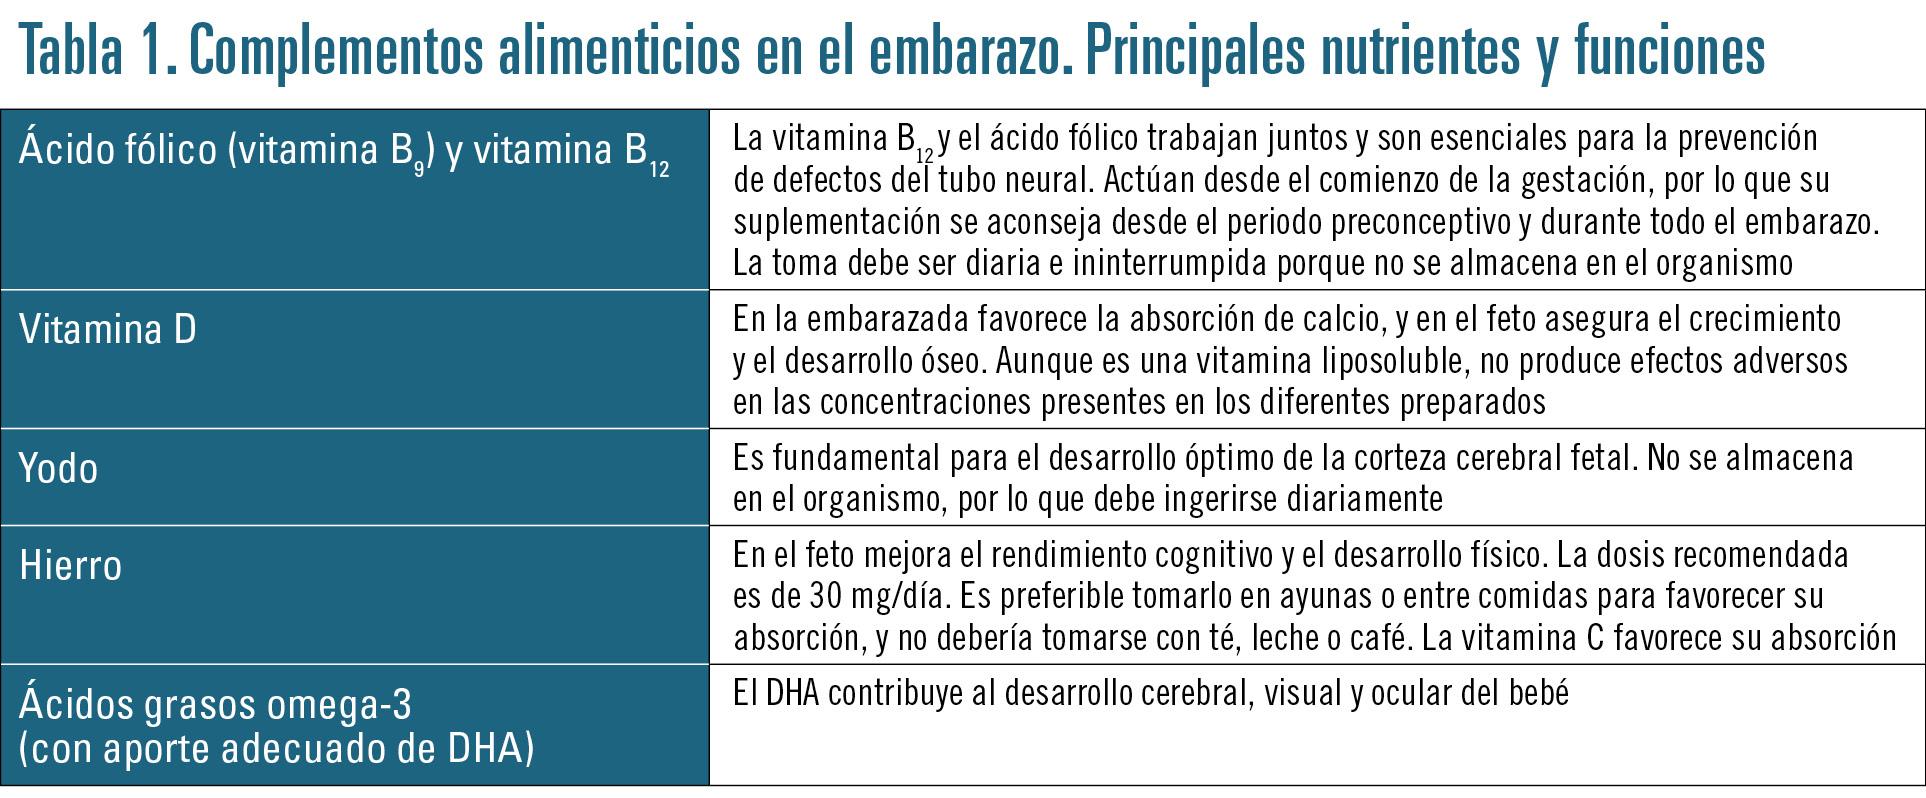 23 EF580 PROFESION CUIDADOS EMBARAZO tabla 1